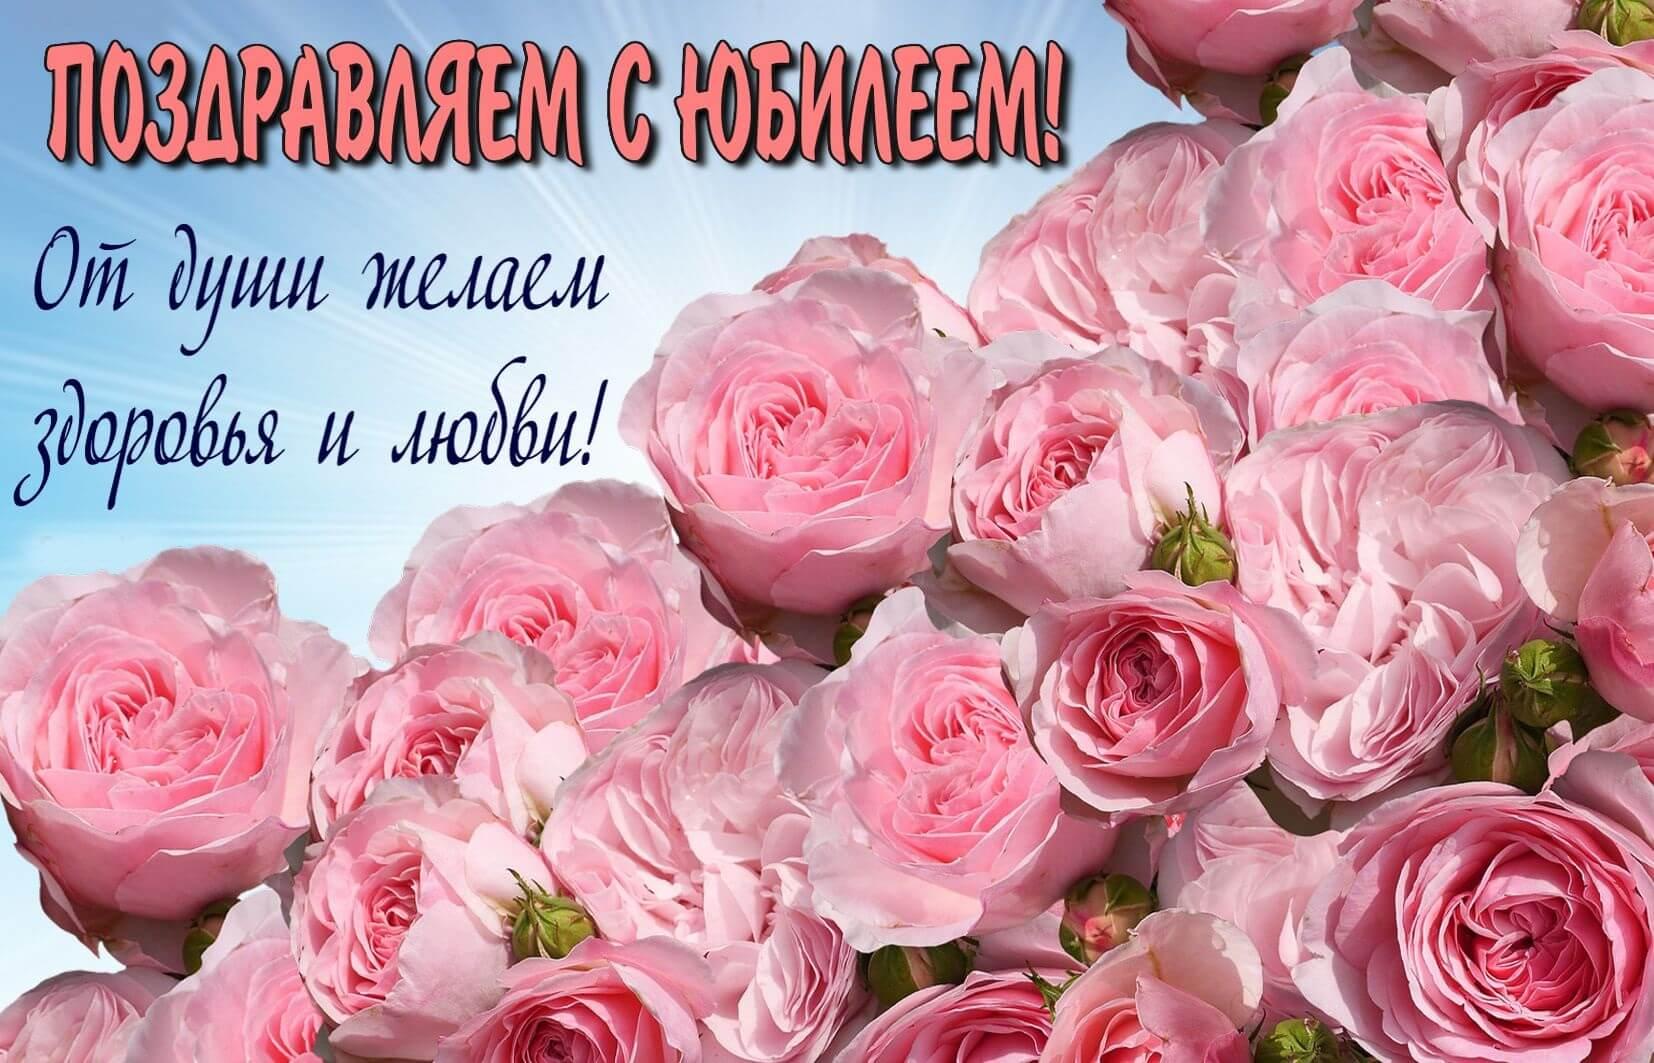 Скачать красивую открытку с юбилеем женщине с пожеланиями 03